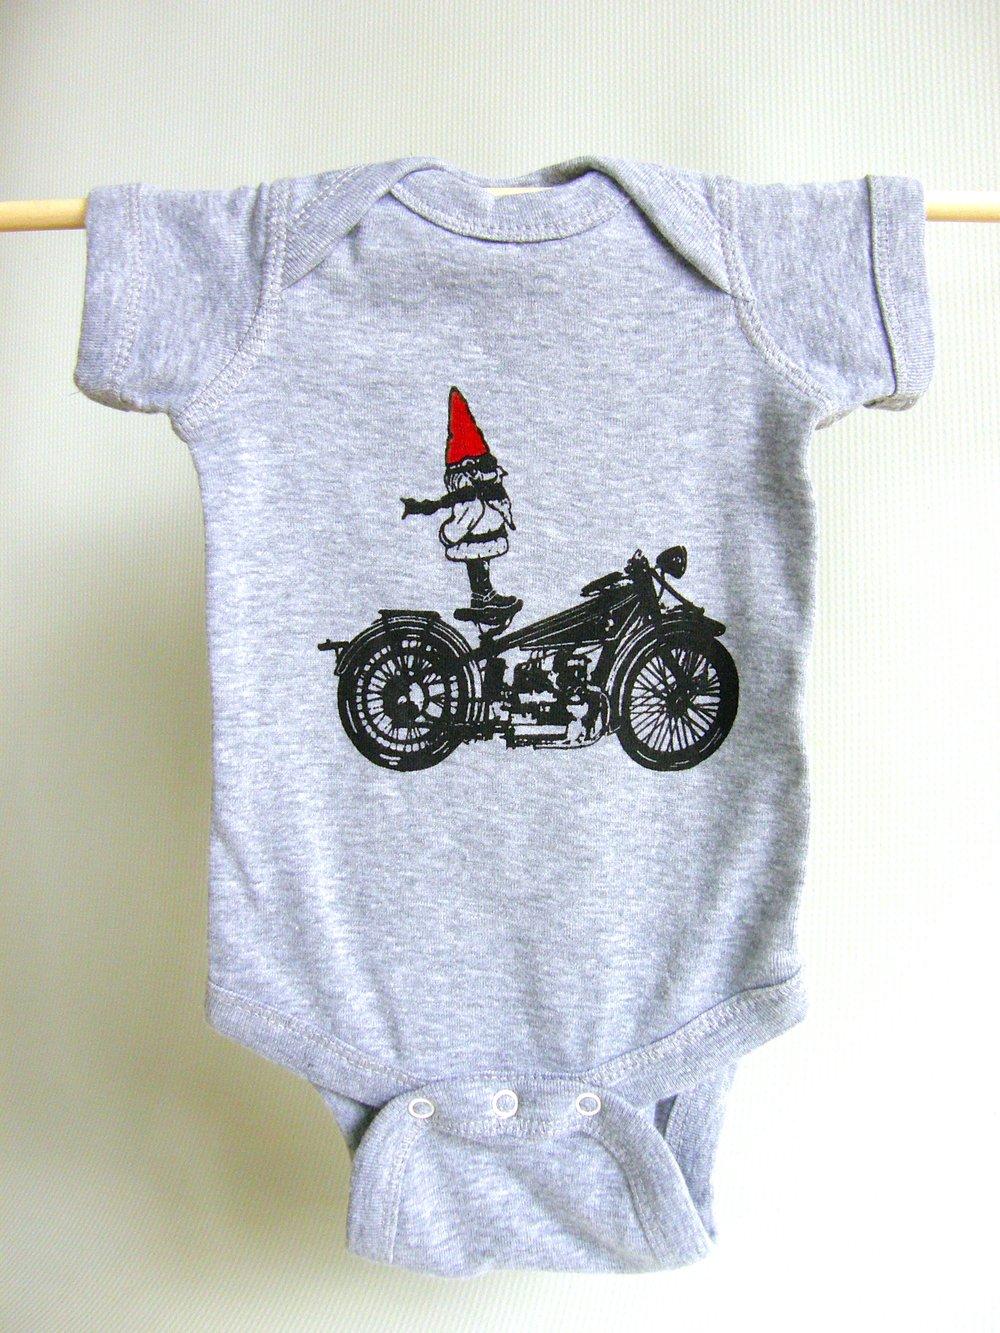 Biker Gnome Onesie.JPG